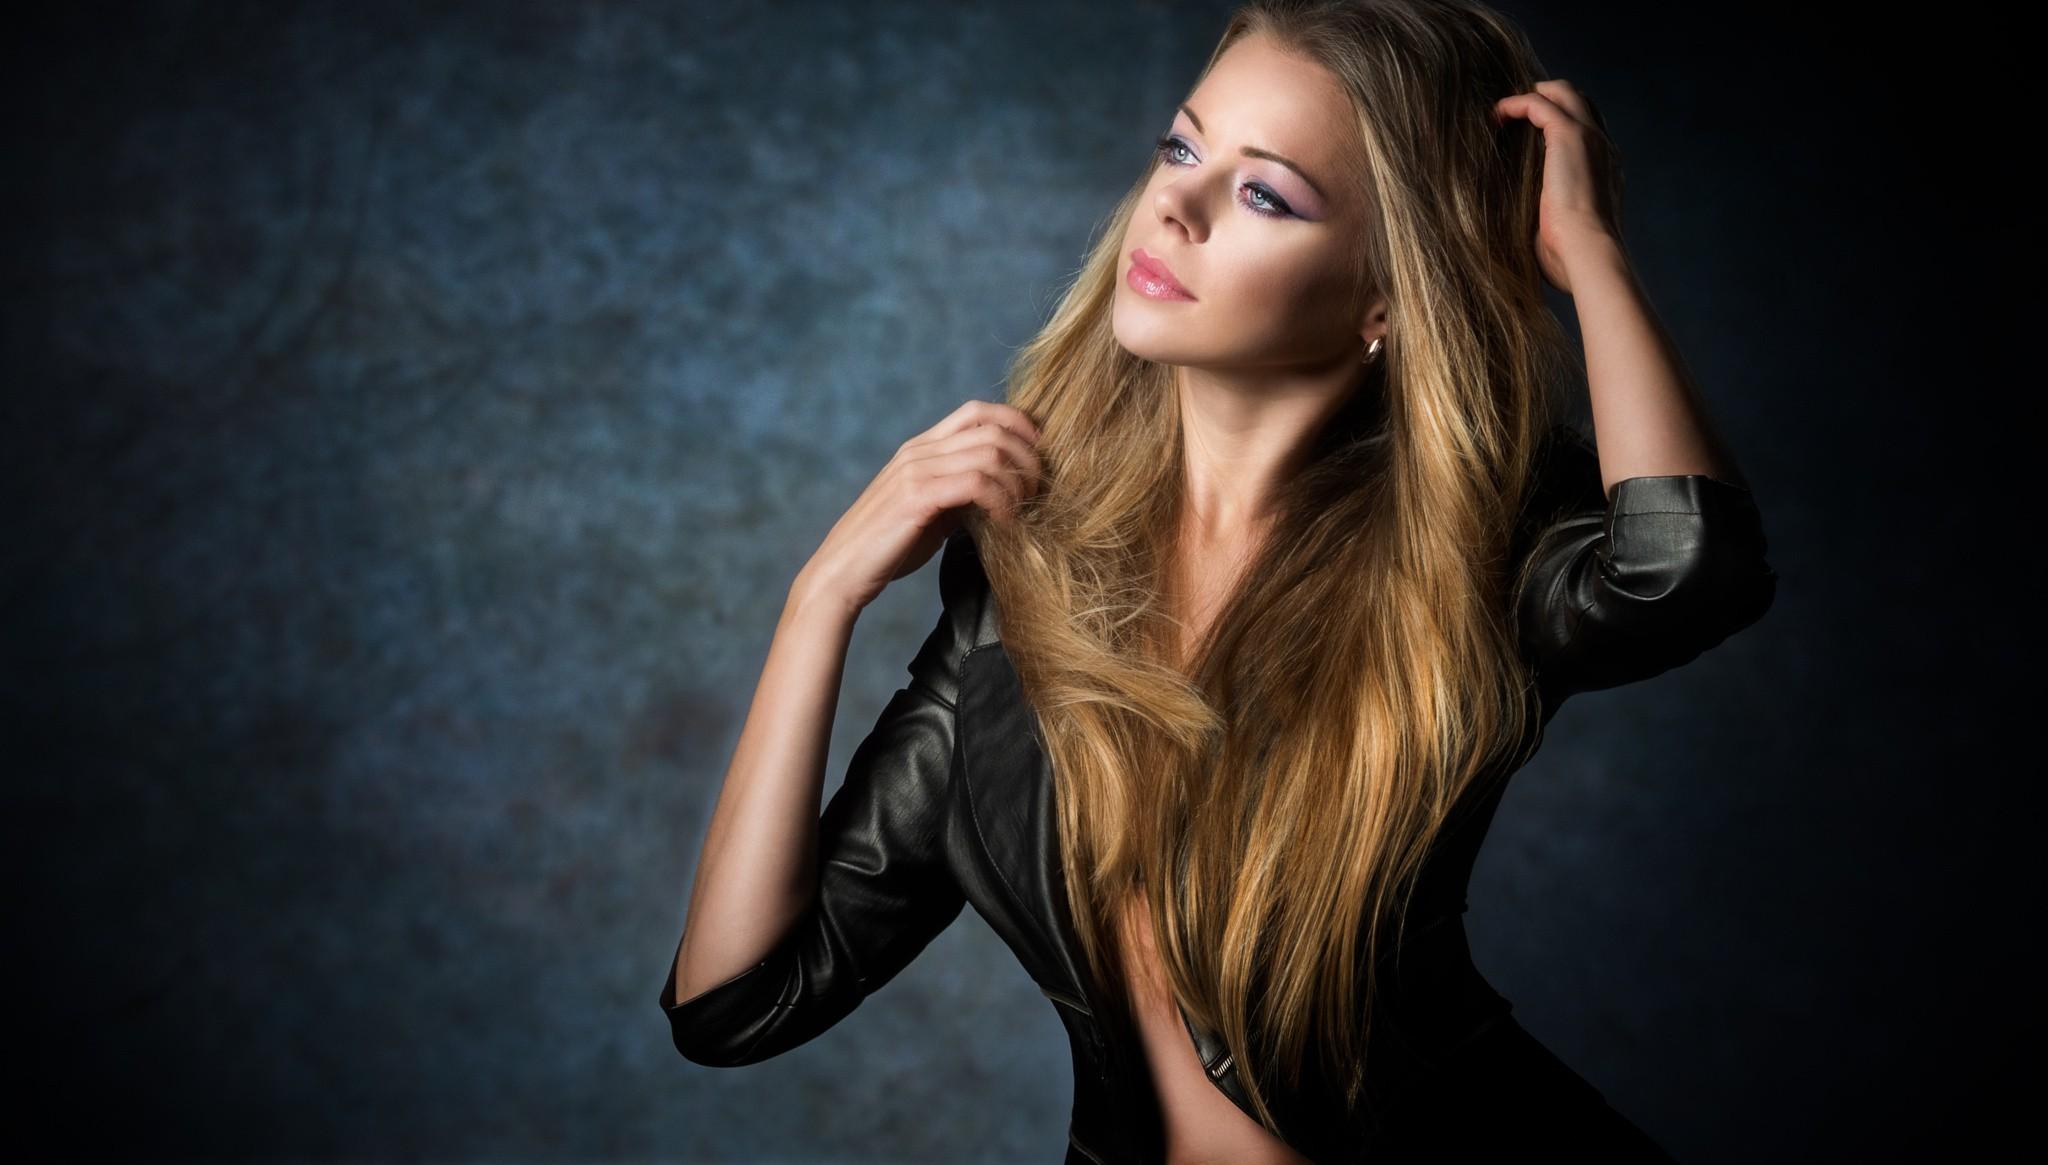 Wallpaper Women Model Long Hair Asian Singer Blue: Fondos De Pantalla : Mujer, Modelo, Rubia, Mirando A Otro